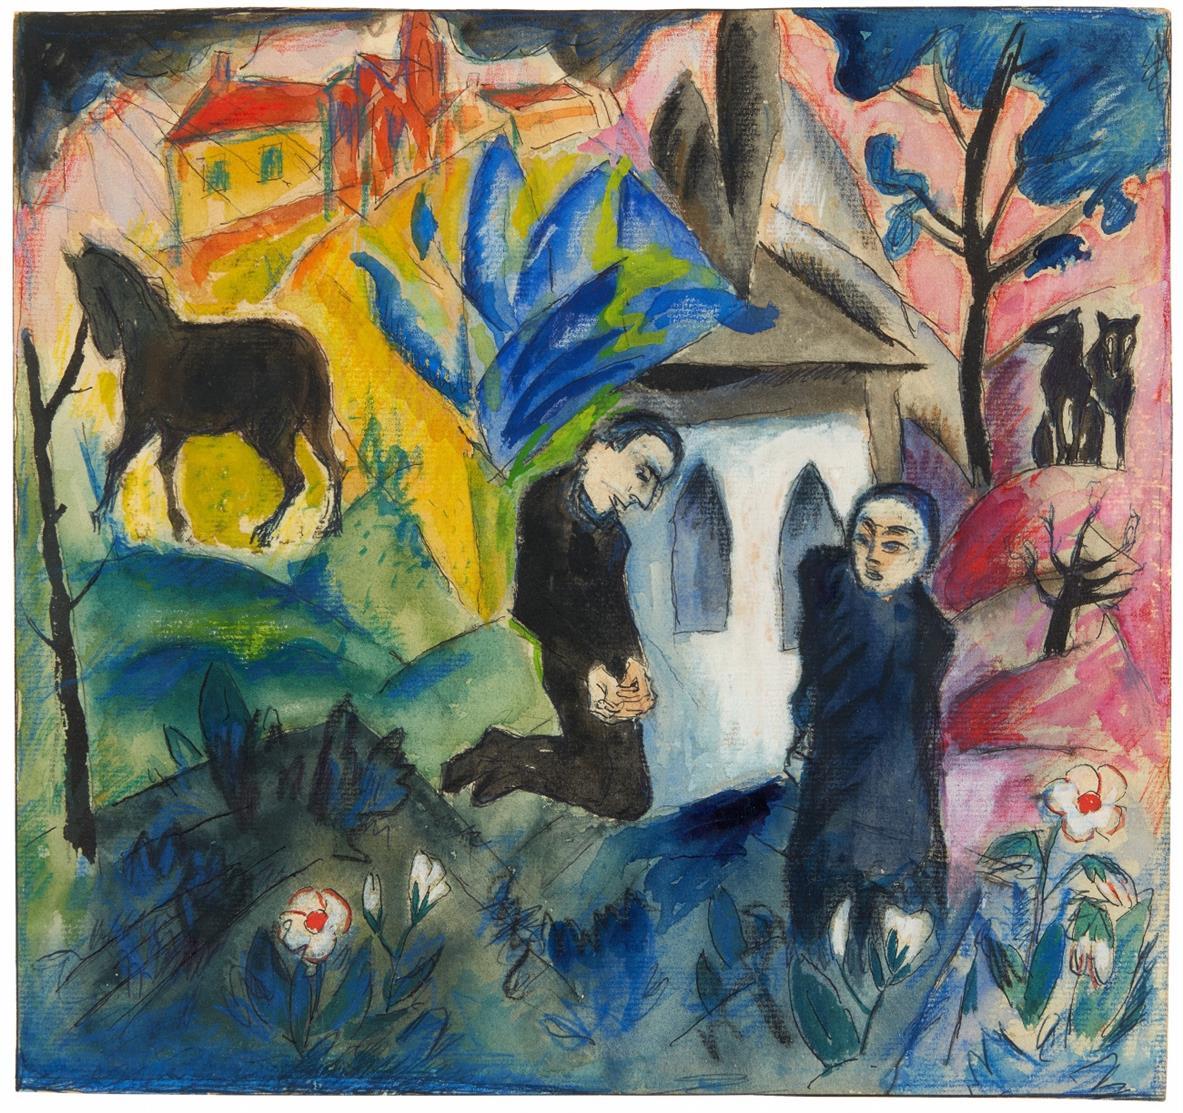 Carl Hentze. Kniendes Paar vor Kapelle in Landschaft. 1920/21. Aquarell, Gouache, Farbkreiden und Tusche. Signiert.